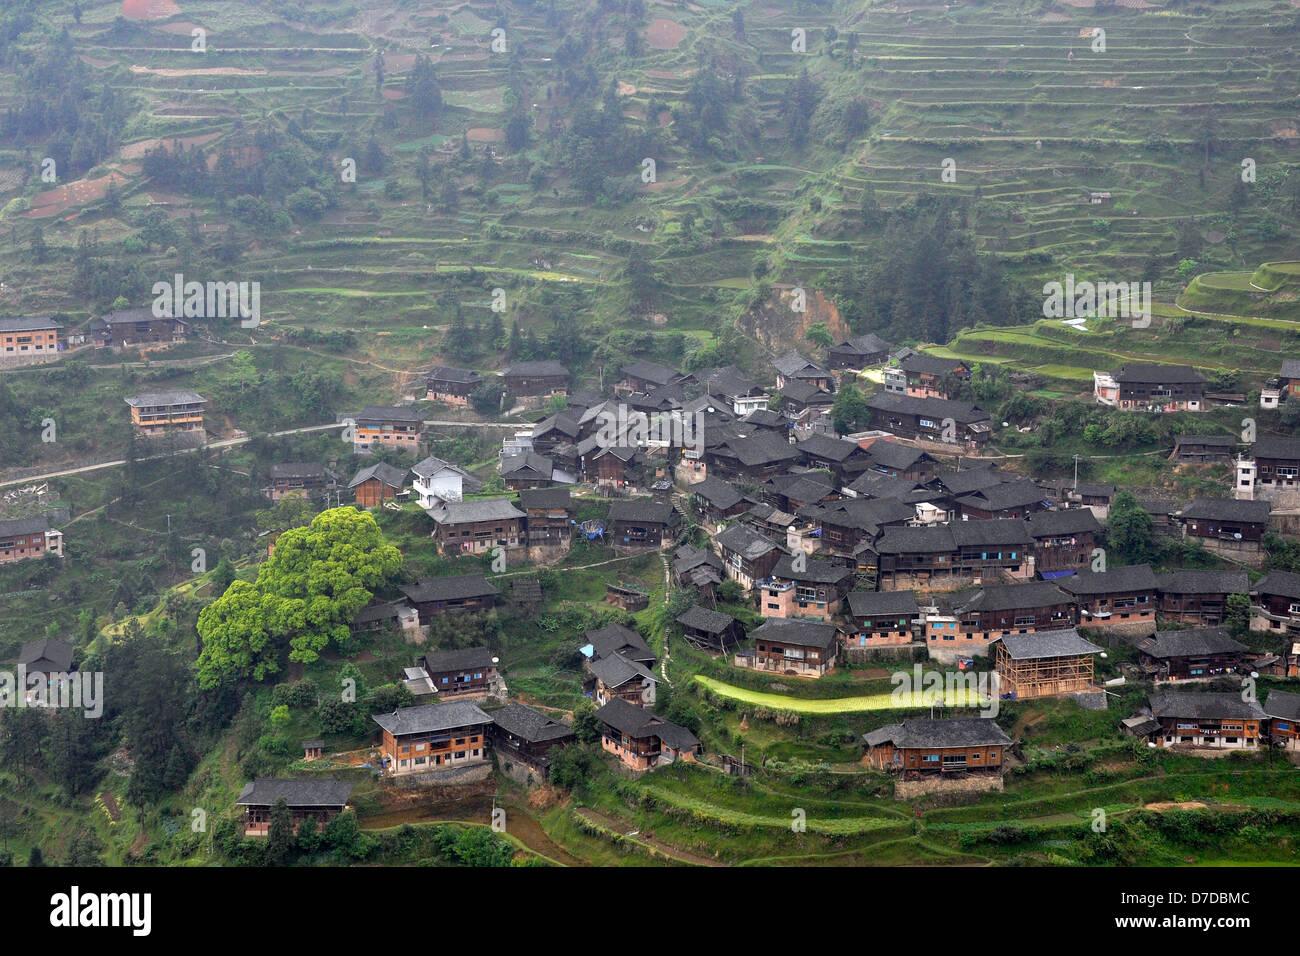 China, Guizhou province, Zhaoxing village Stock Photo